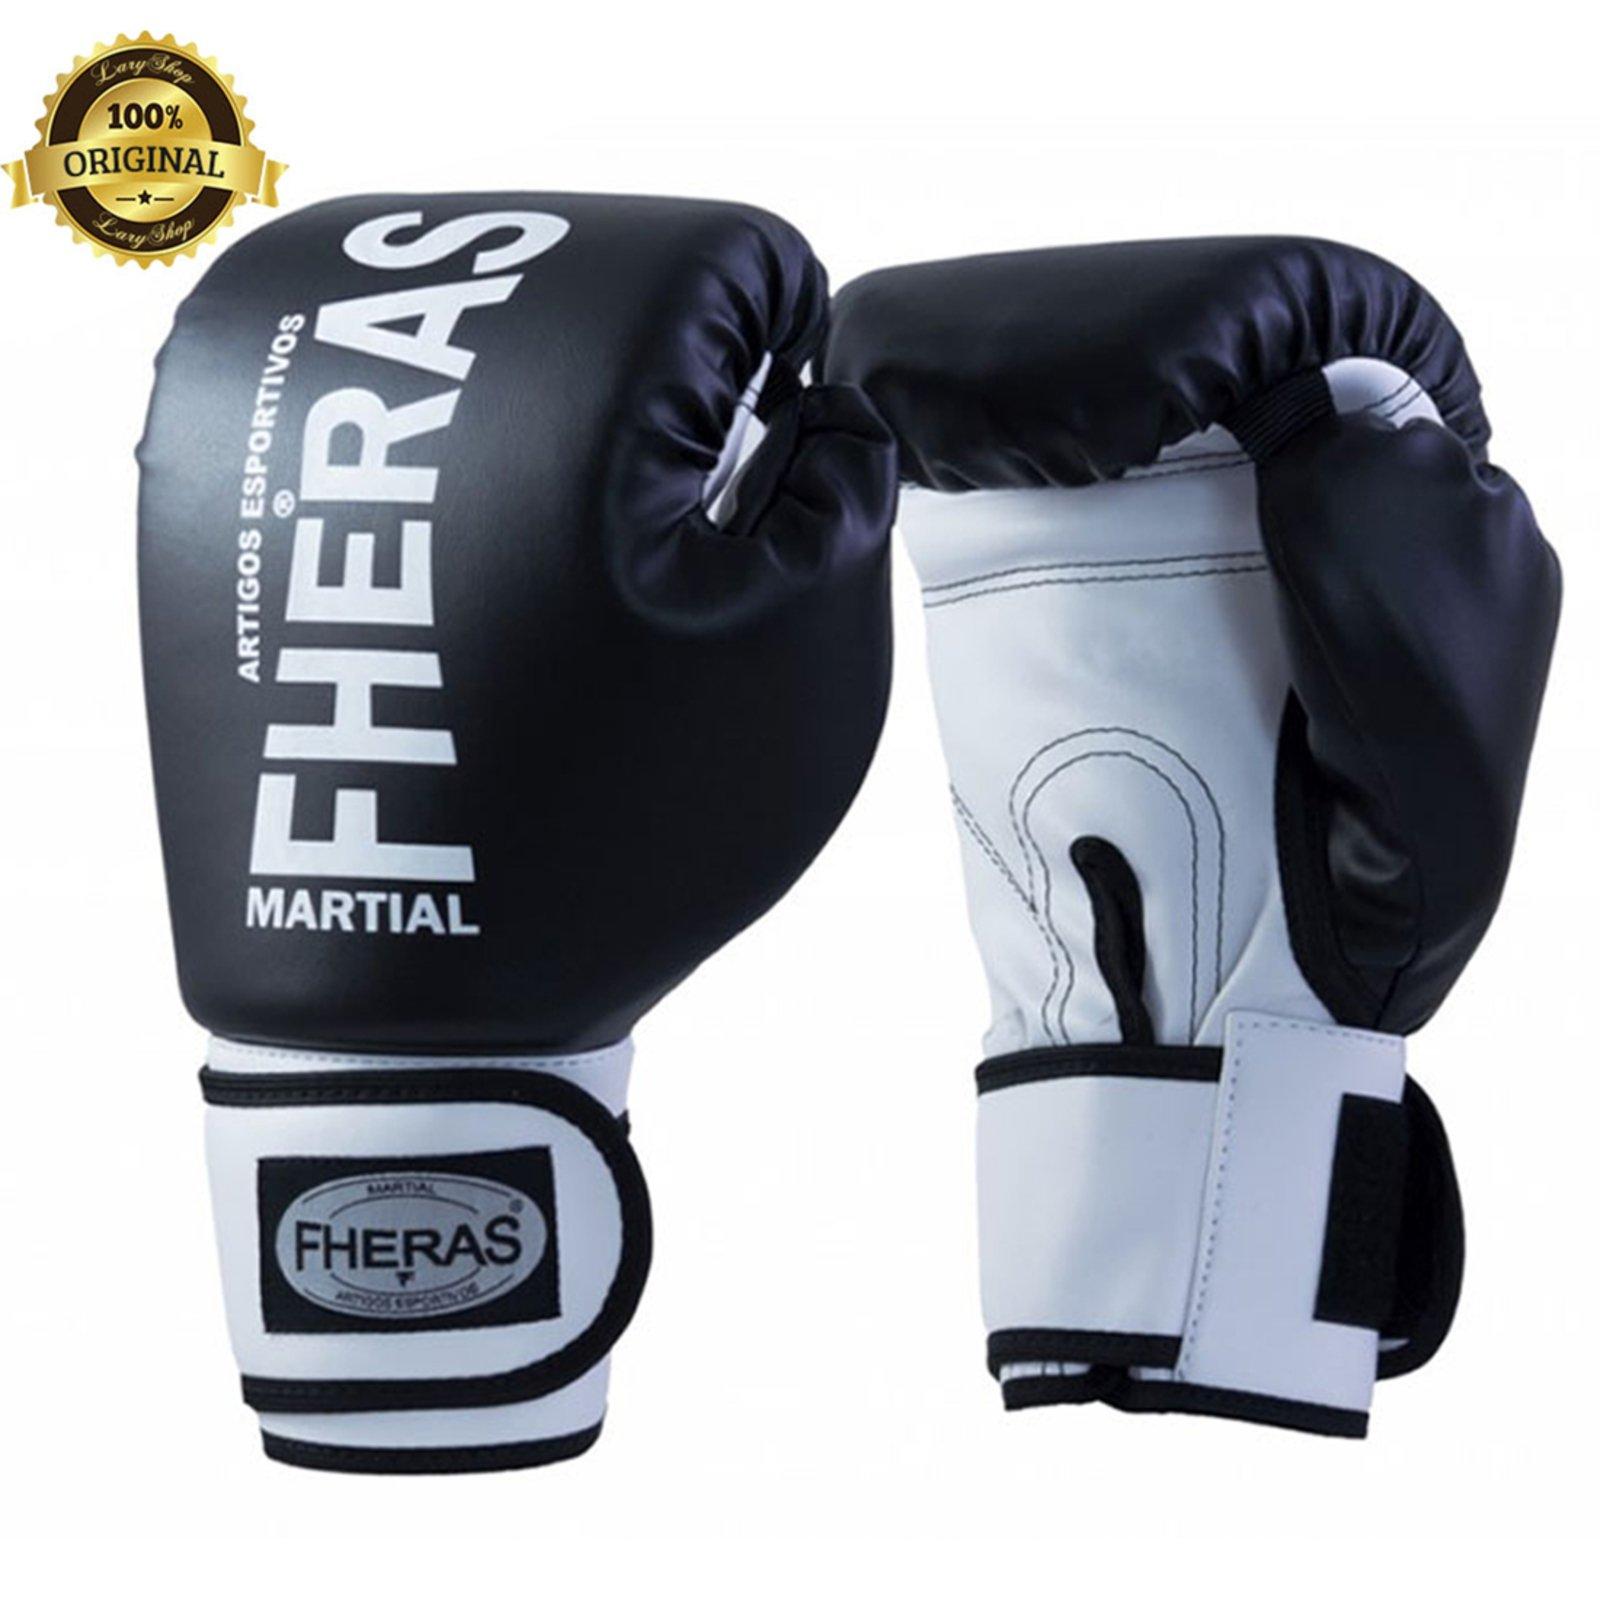 Luva Boxe Muay Thai Fheras New Orion Pro Preto Branco Compre